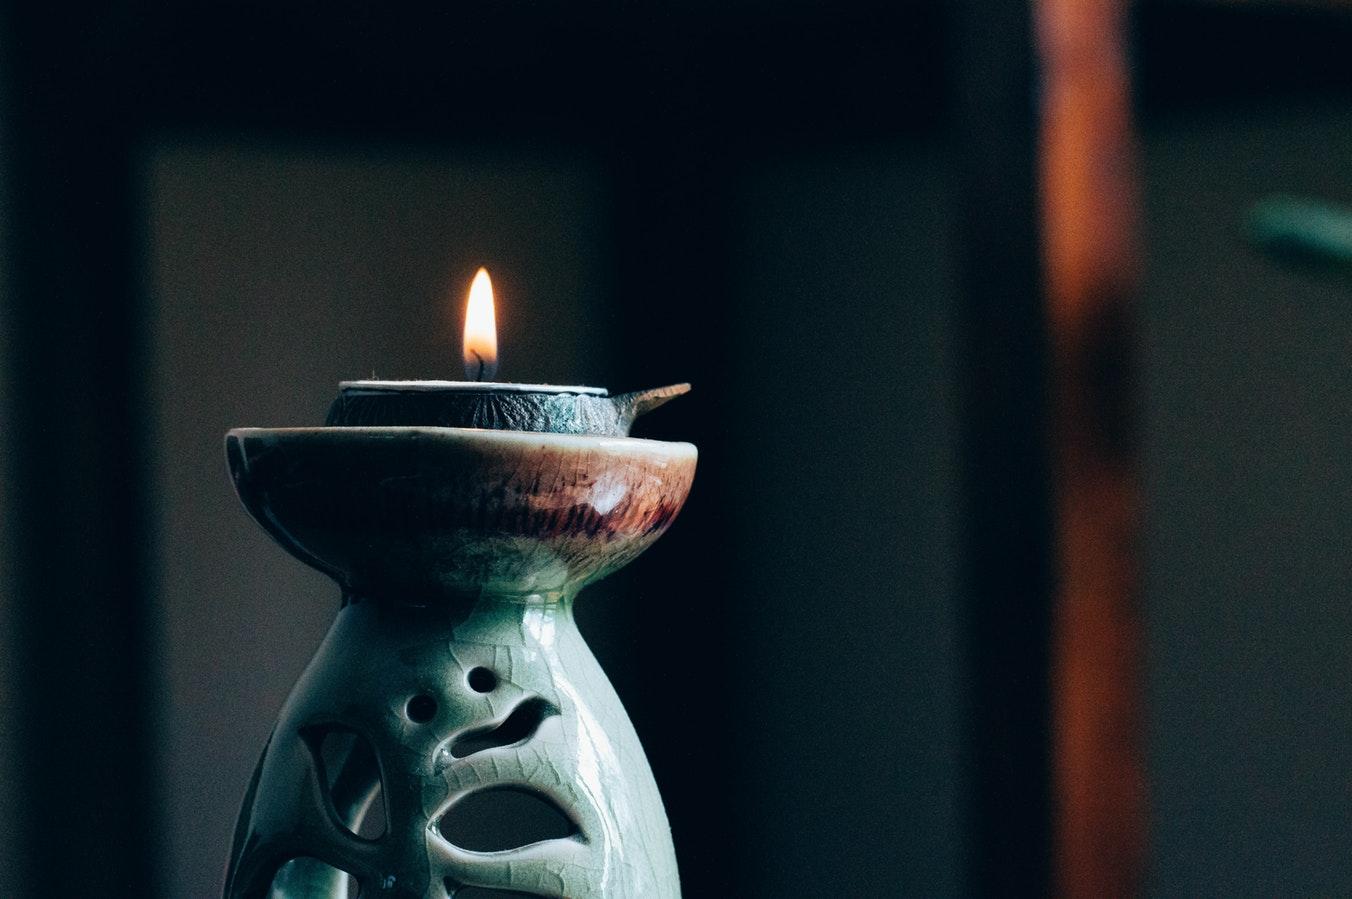 Meditatie Artikelen Kopen [Meditatiekussens, Bankjes, Bolsters & Meer]